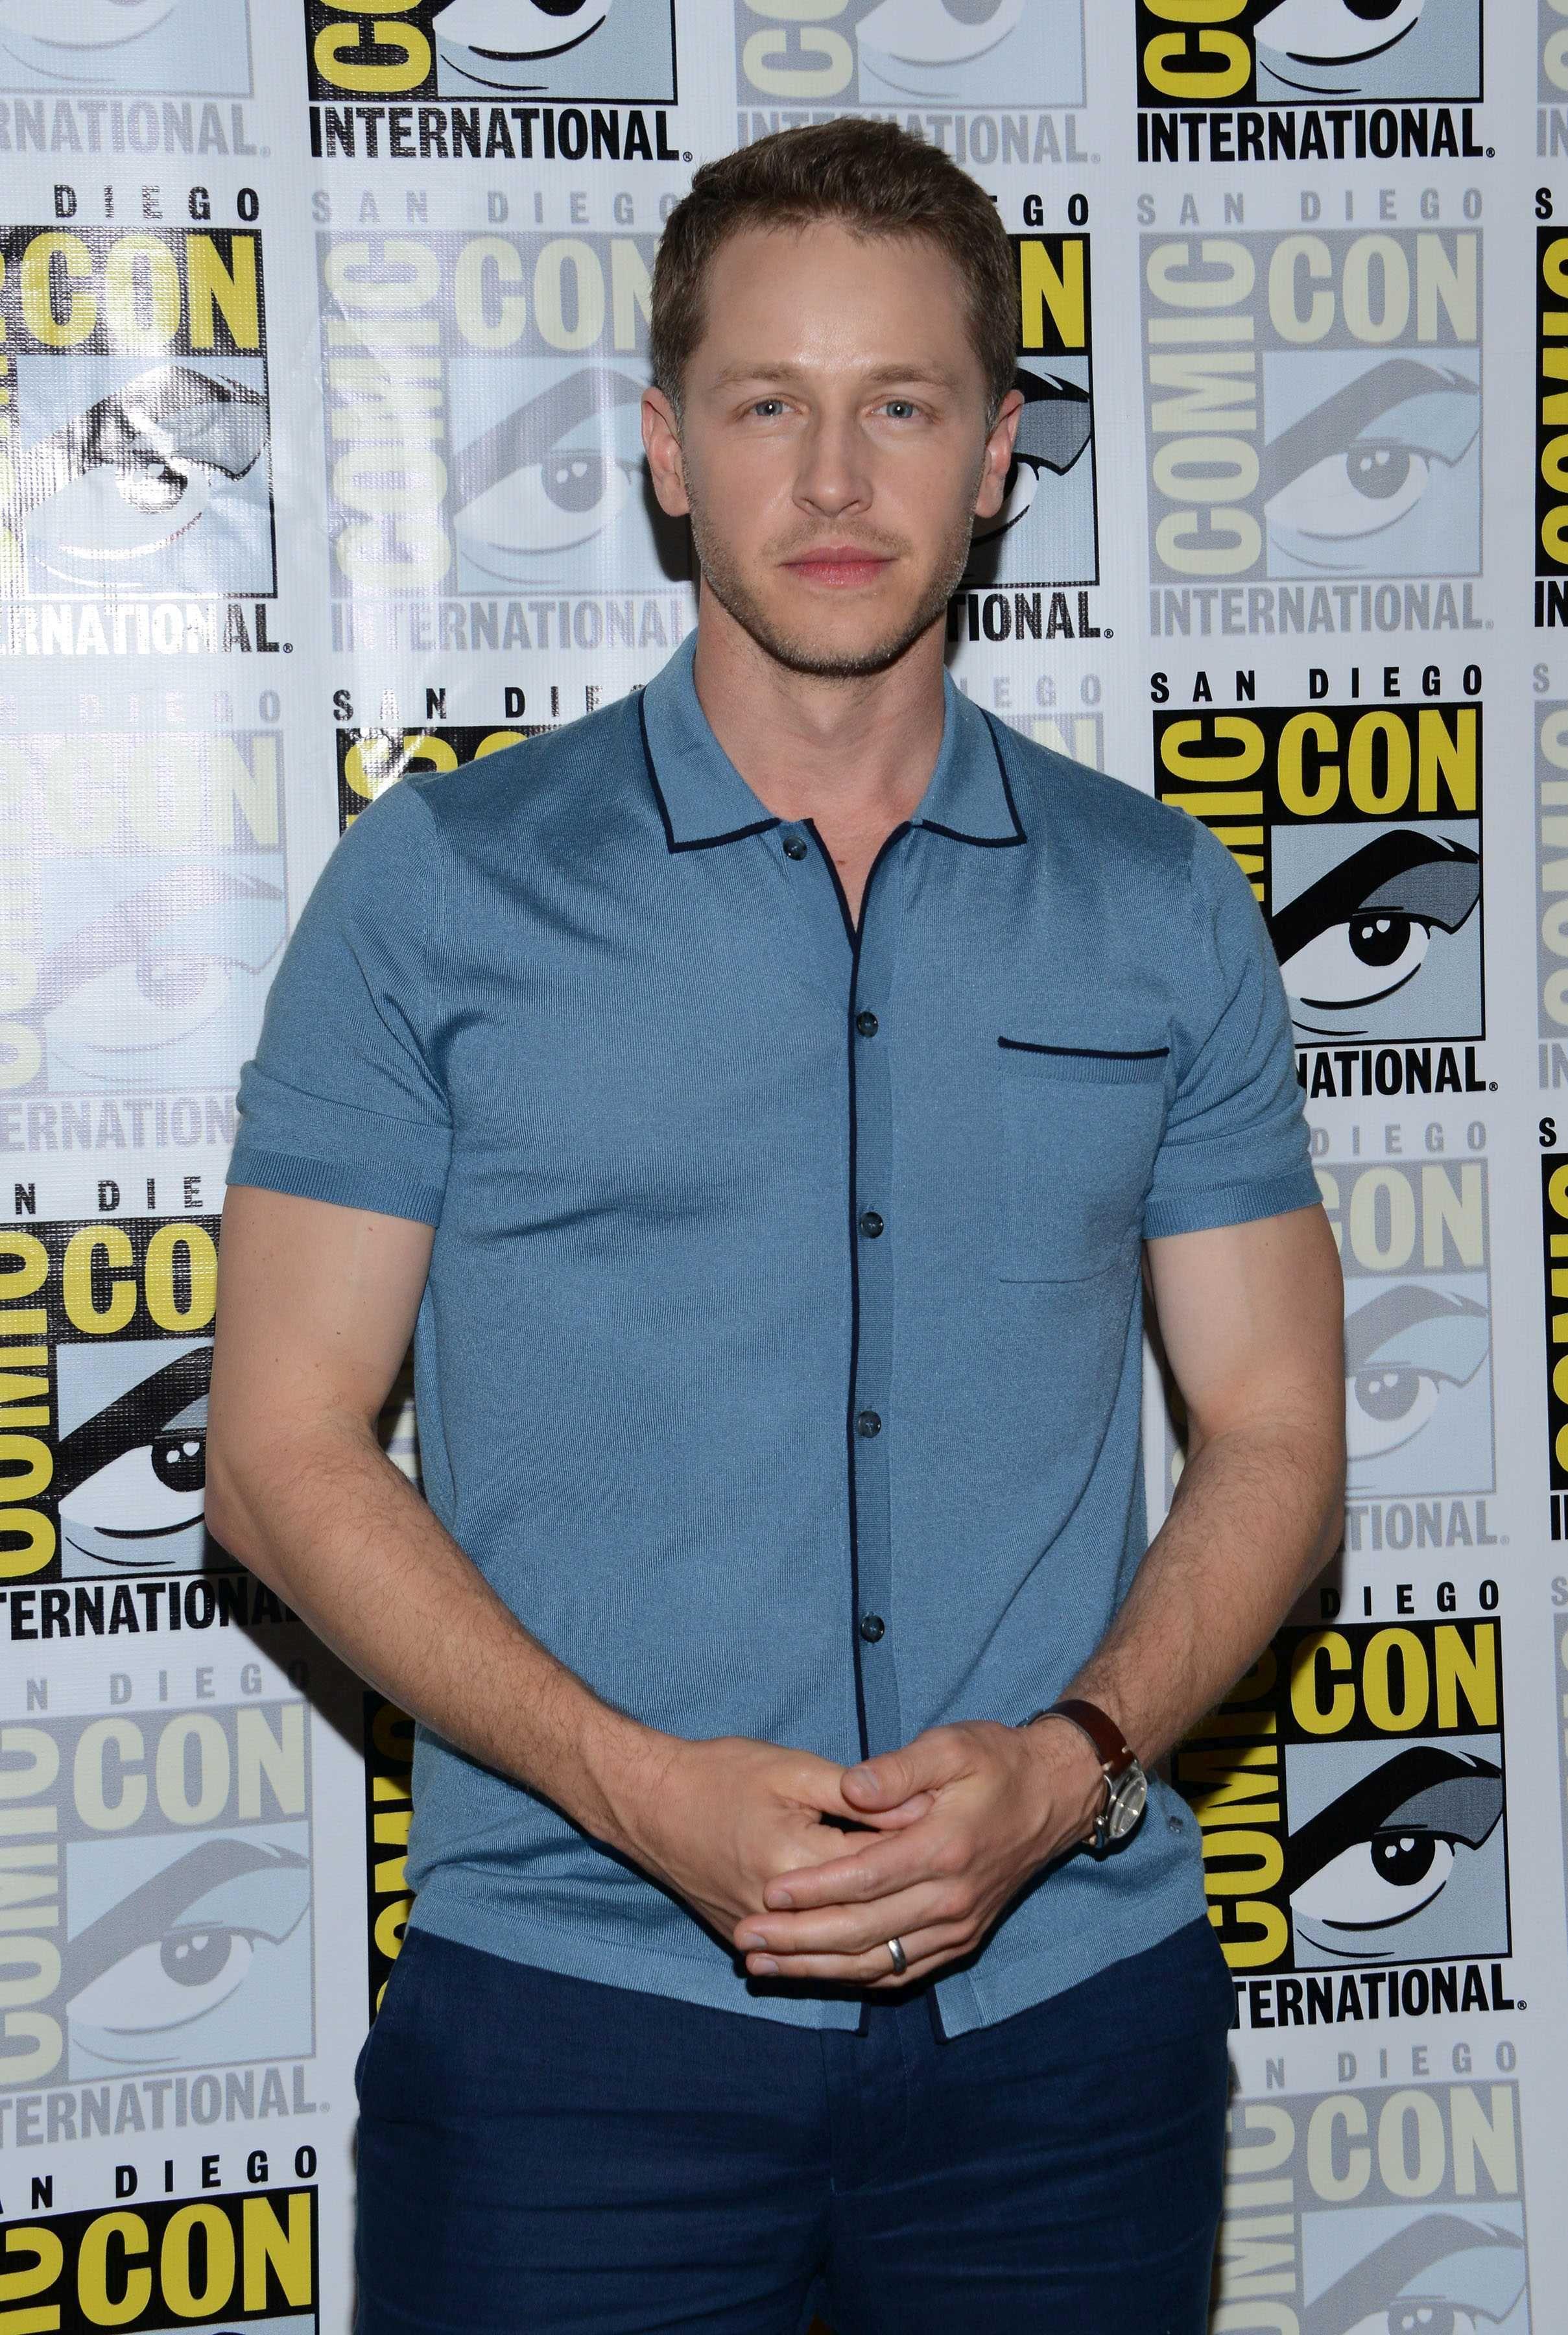 Josh Dallas at San Diego Comic Con 23 July 2016